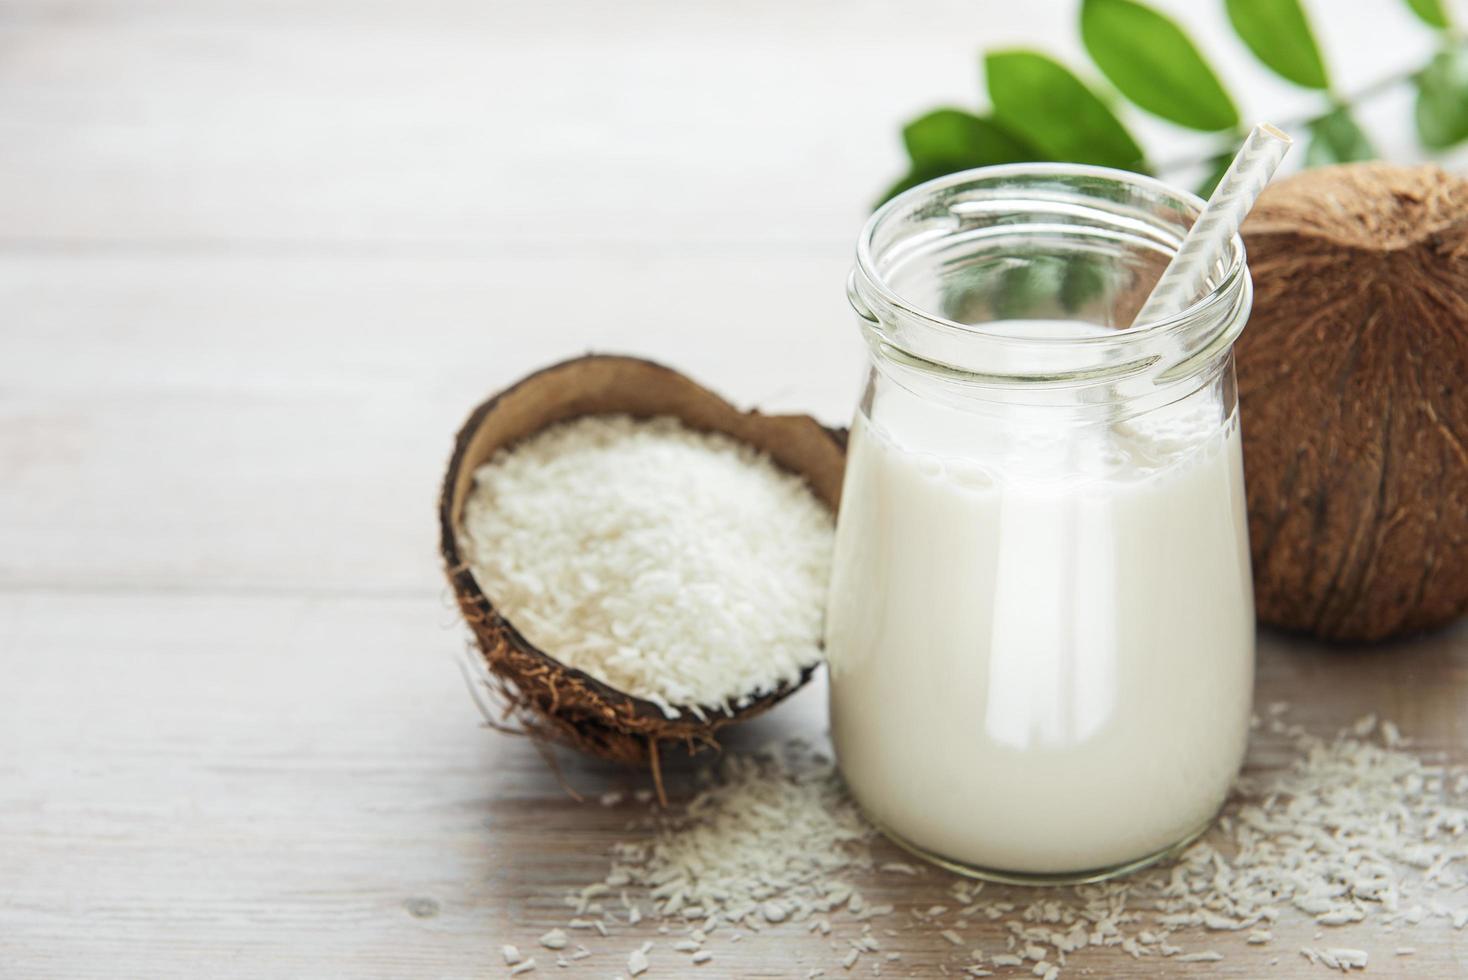 färsk kokosmjölk foto